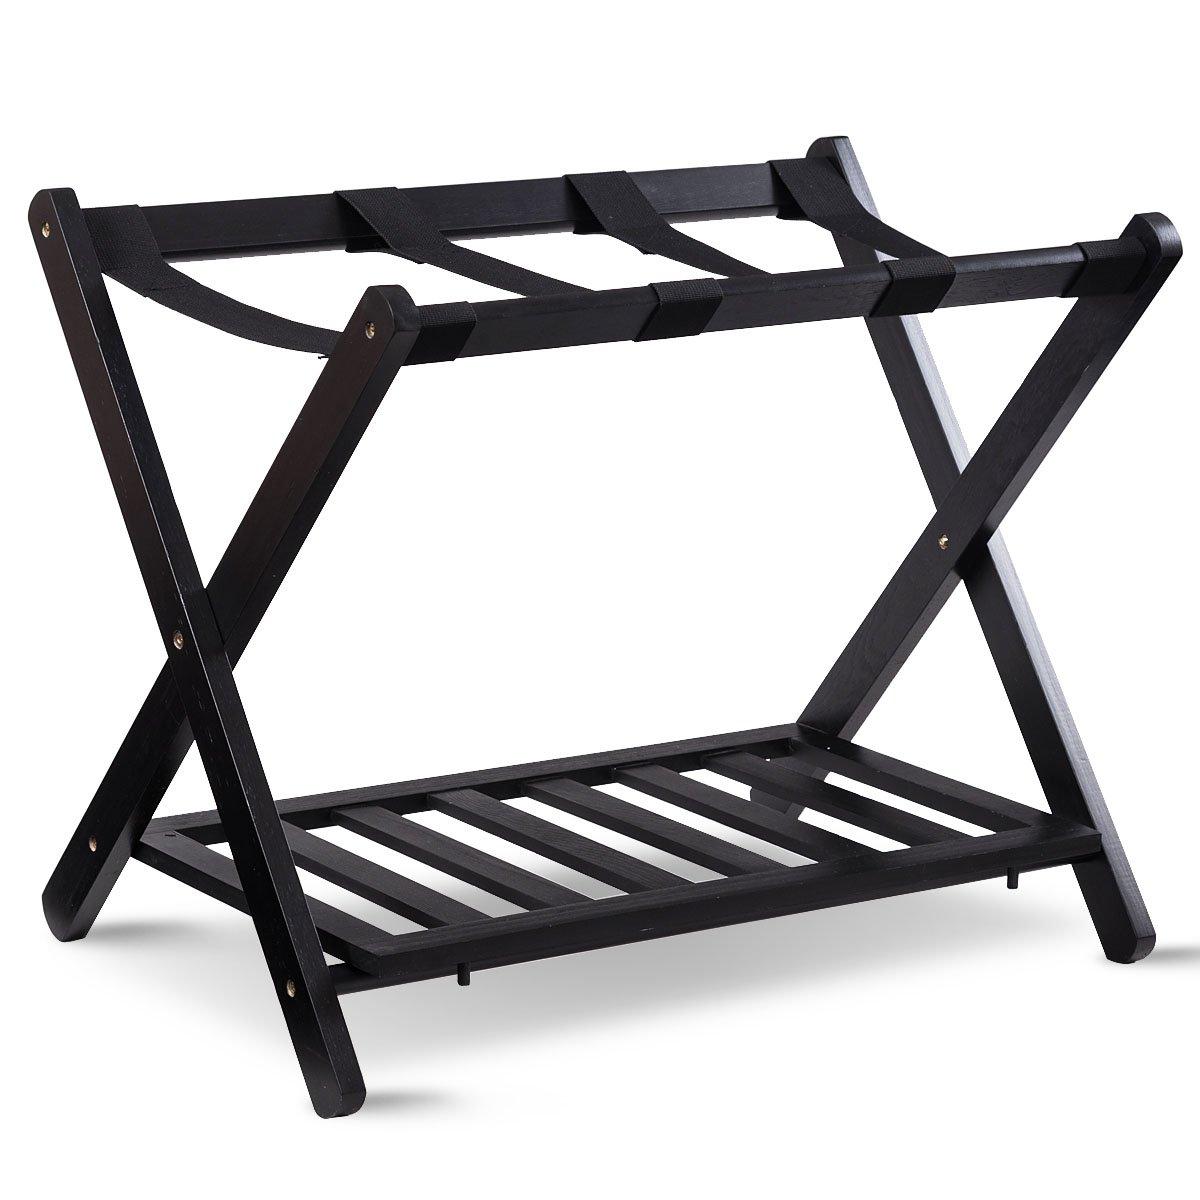 TANGKULA Luggage Rack Wood Folding Suitcase Stand Hamper Laundry Cloth Bag Shelf (001 1PC)